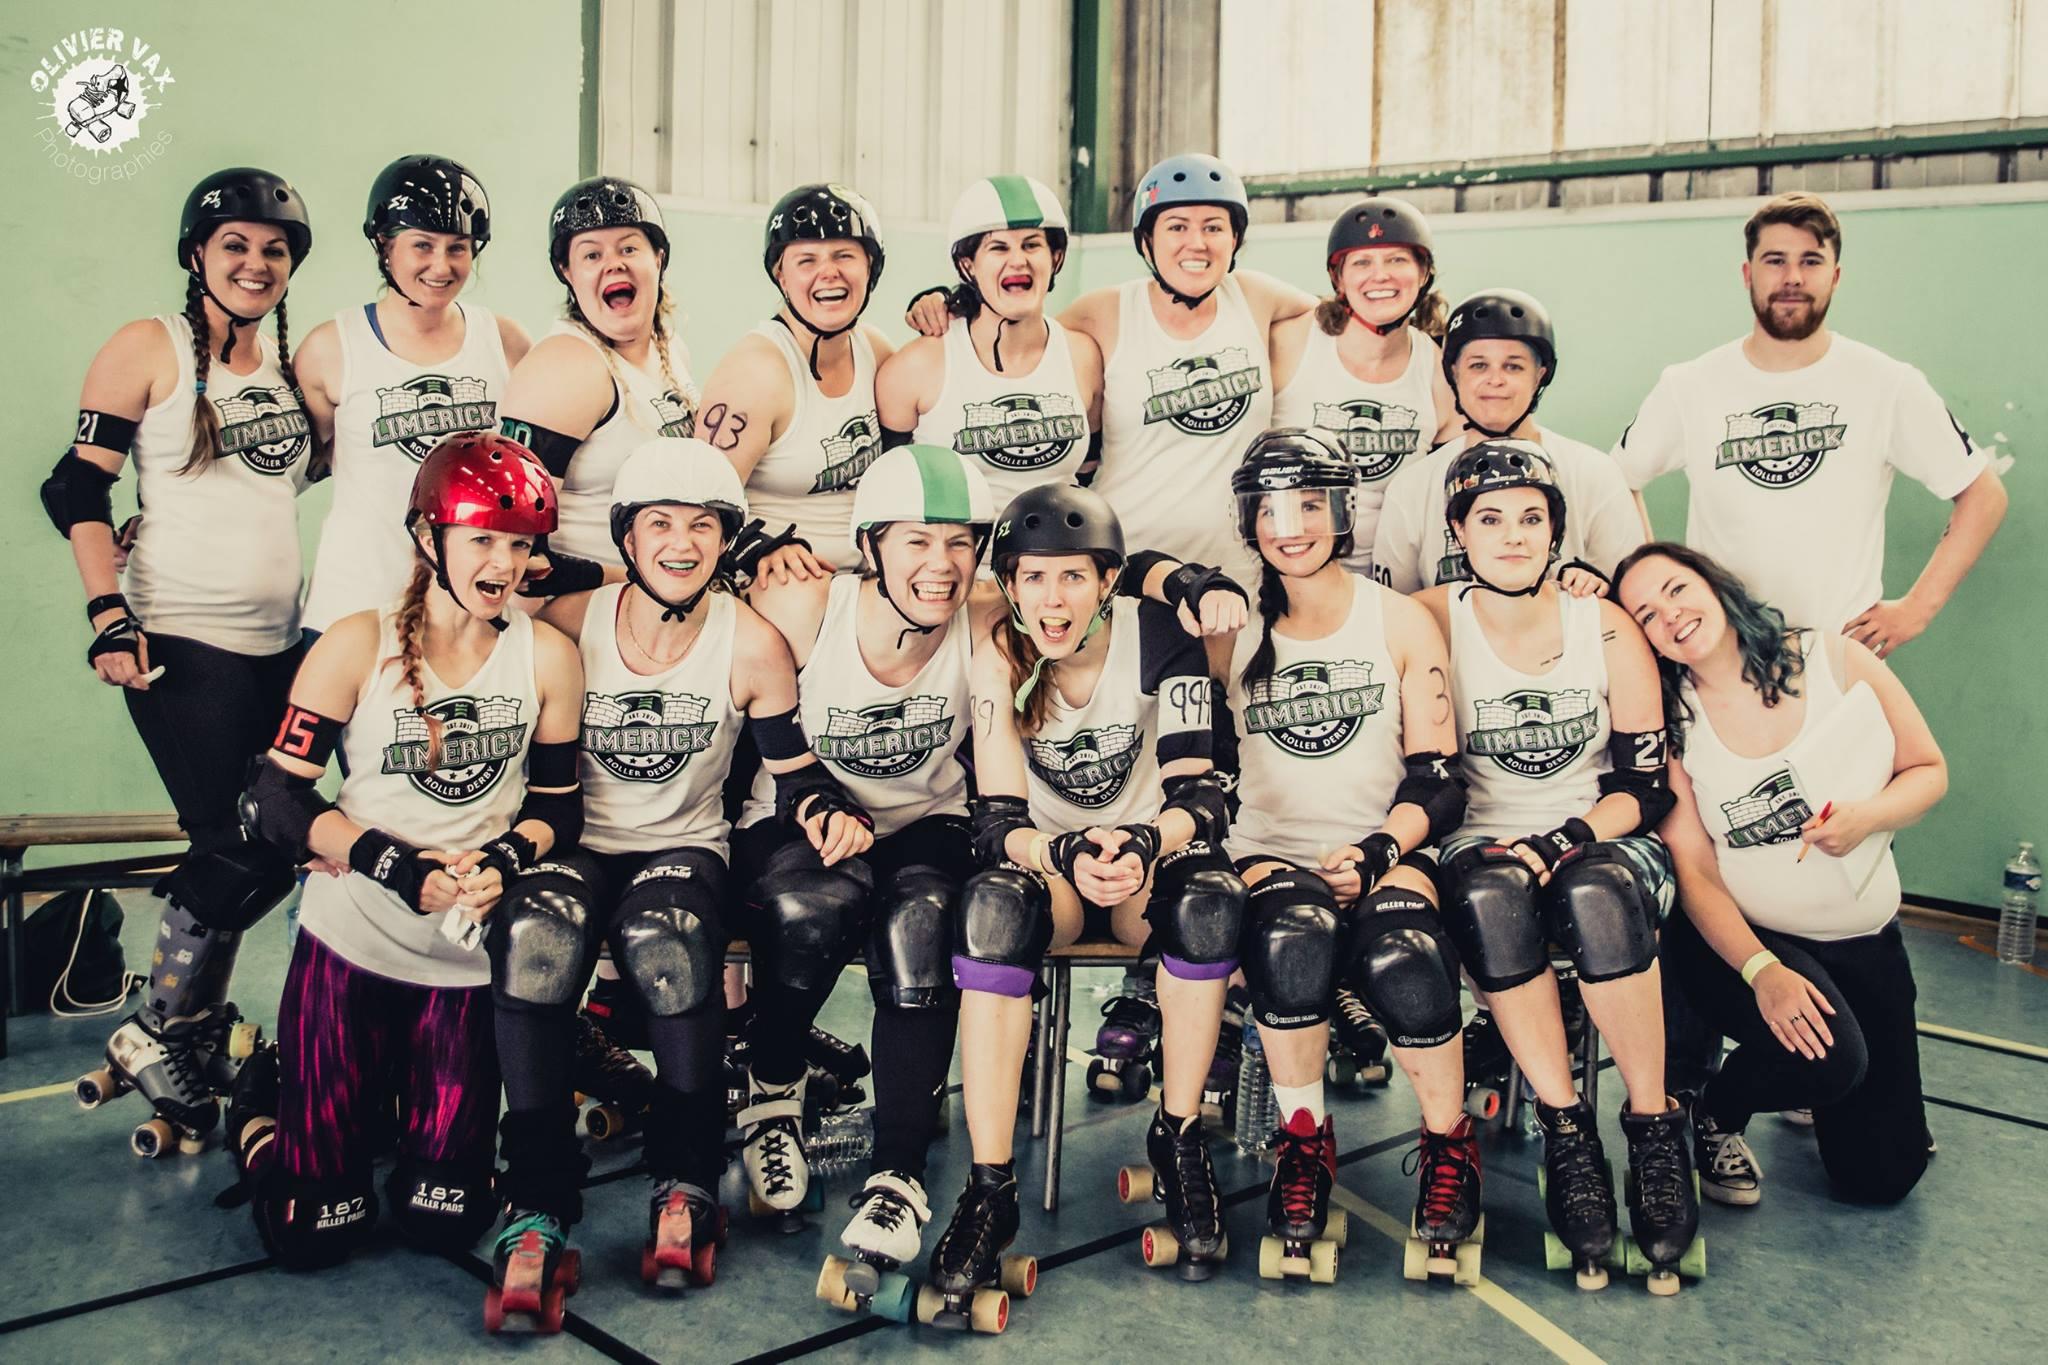 Limerick Roller Derby Paris victory, Limerick Roller Derby